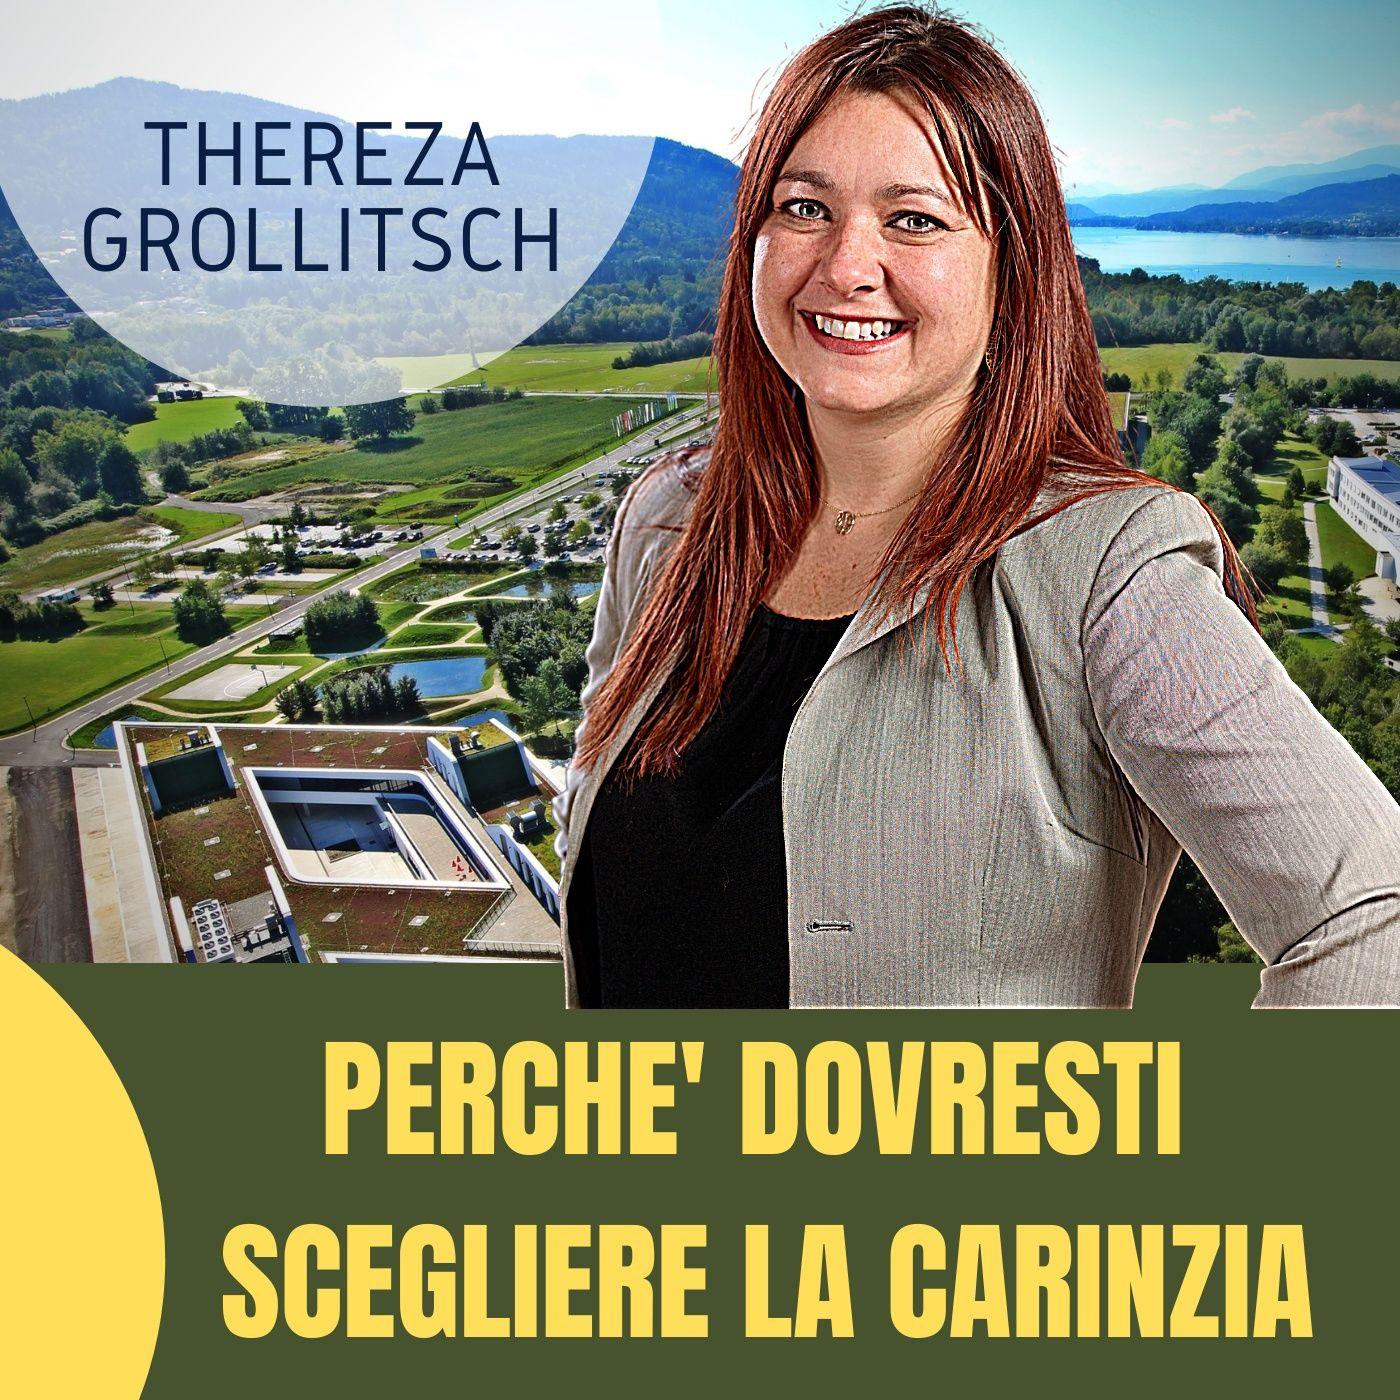 """Thereza in Carinzia ha fatto """"il terno al lotto""""!"""